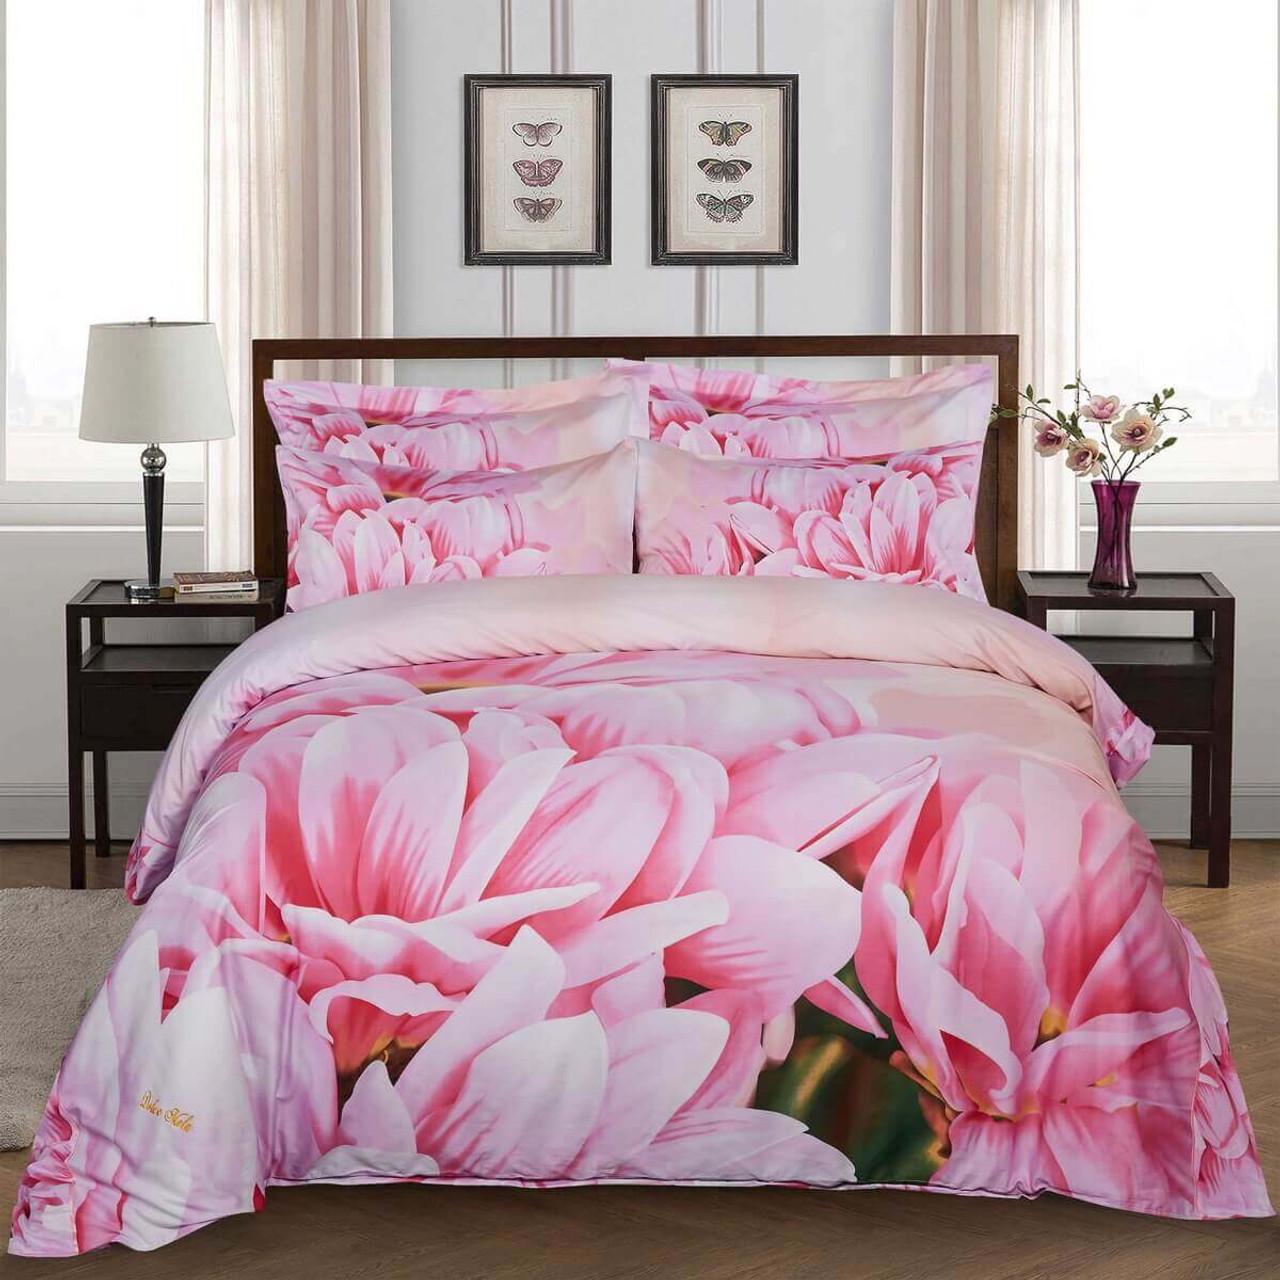 Floral Bedding, Dolce Mela - May DM701K